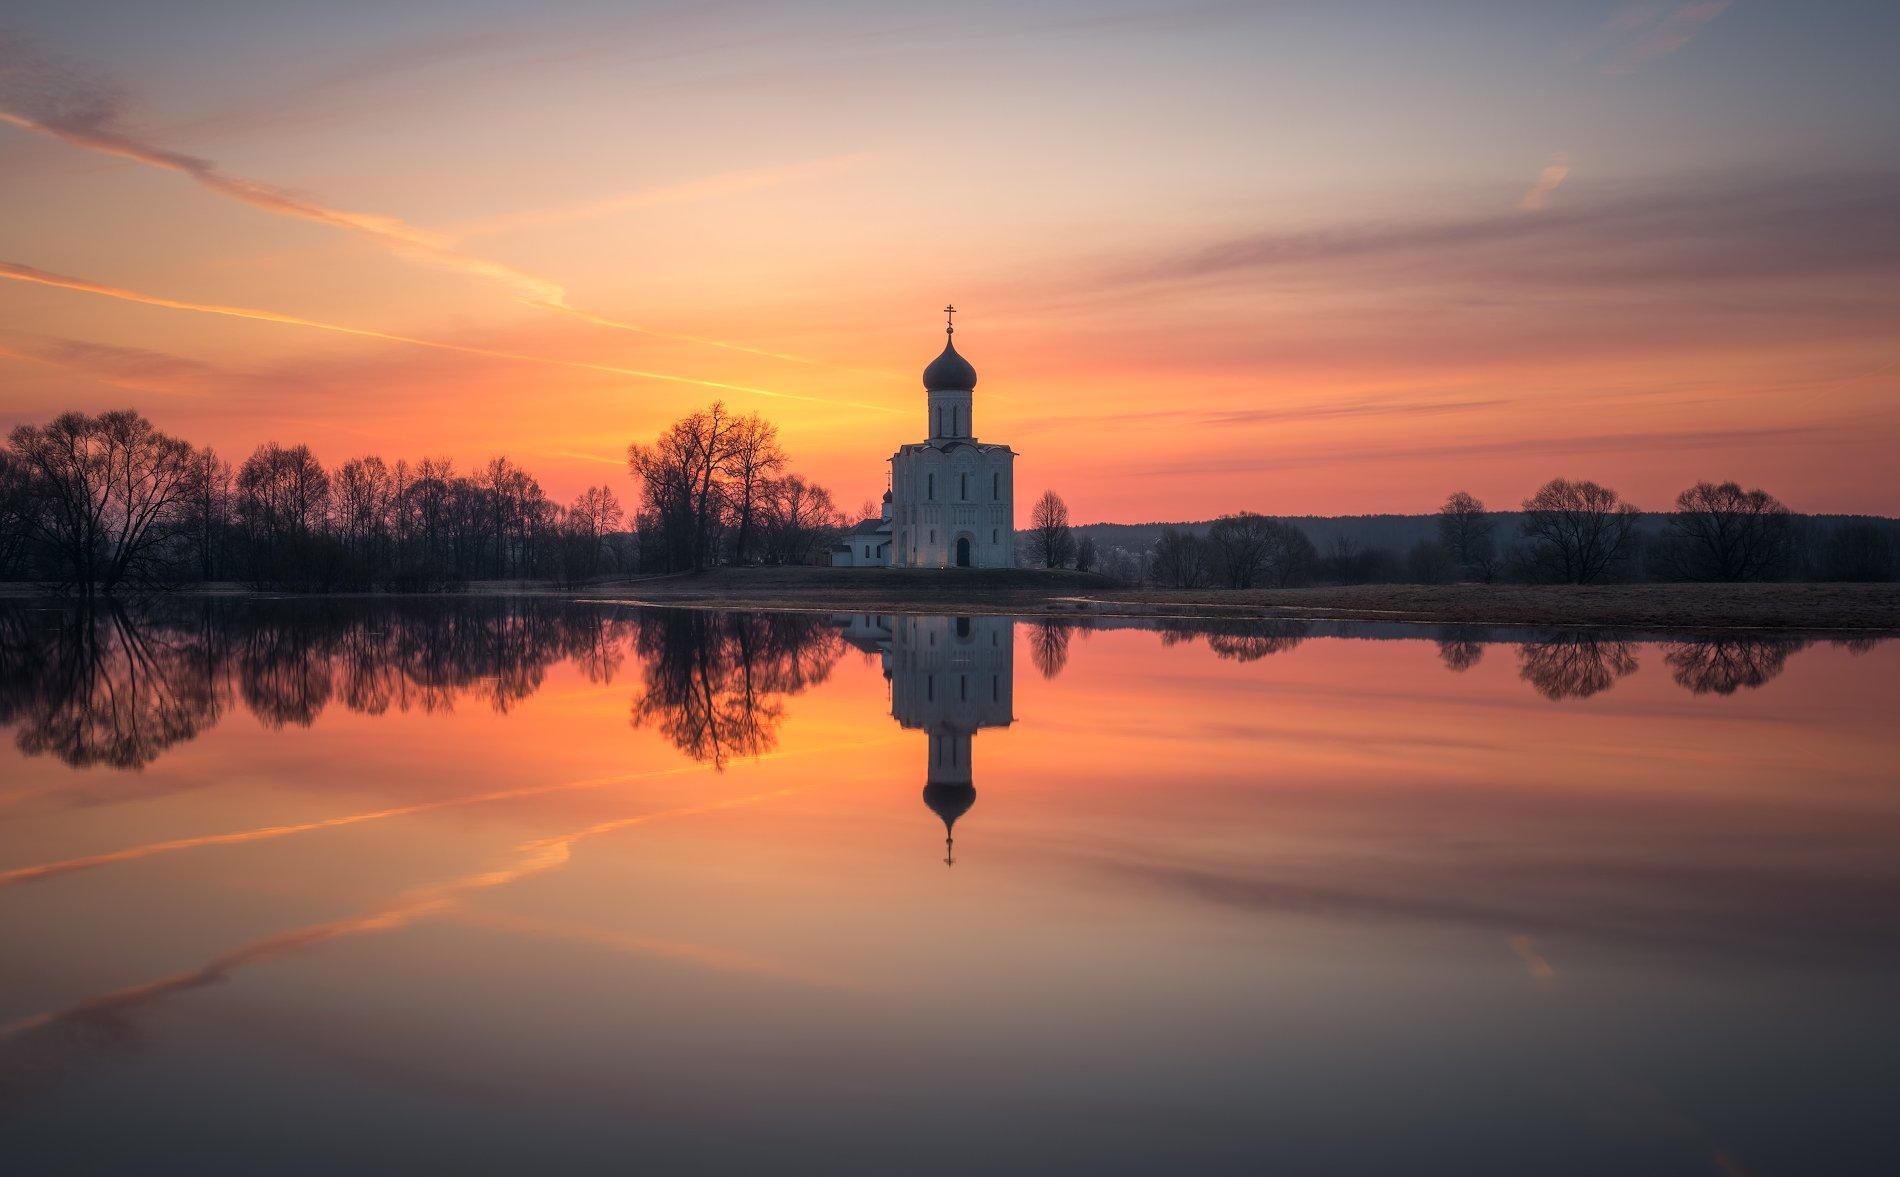 рассвет, боголюбово, разлив, пейзаж, Левыкин Виталий